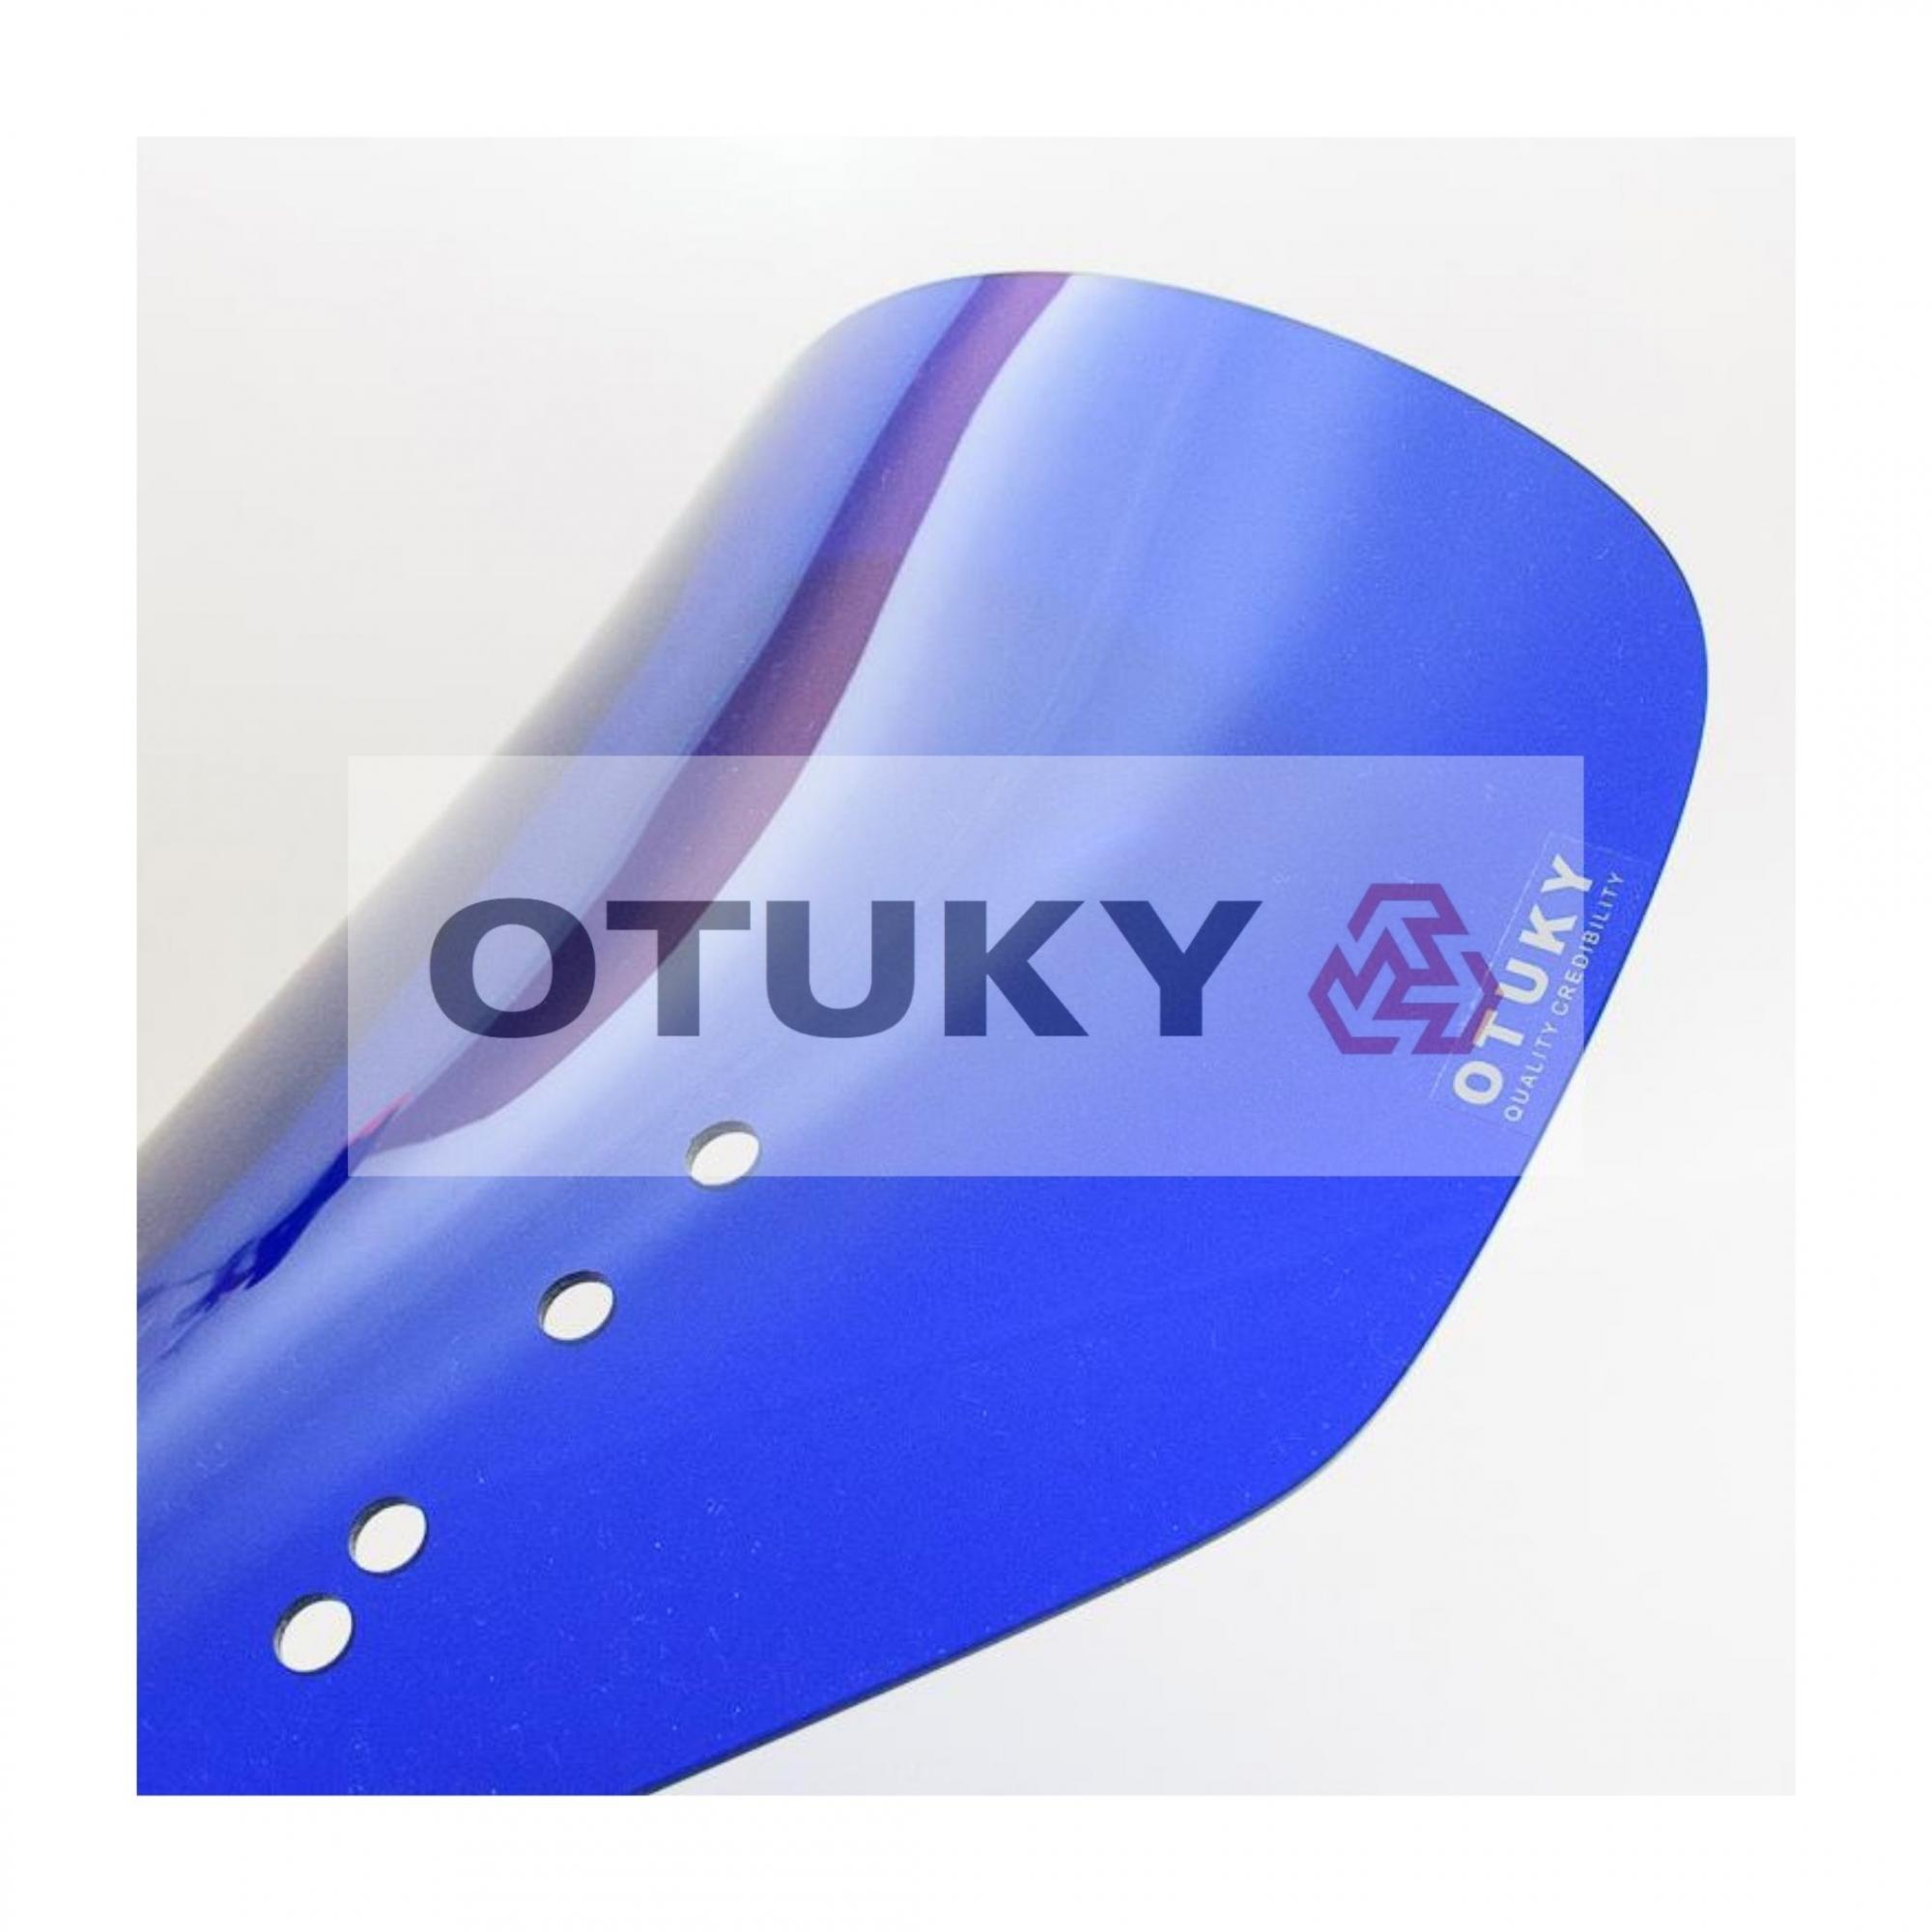 Bolha para Moto V-Strom DL 650 1000 2004 2005 2006 2007 2008 2009 2010 2011 2012 2013 Padrão Otuky Azul Escuro